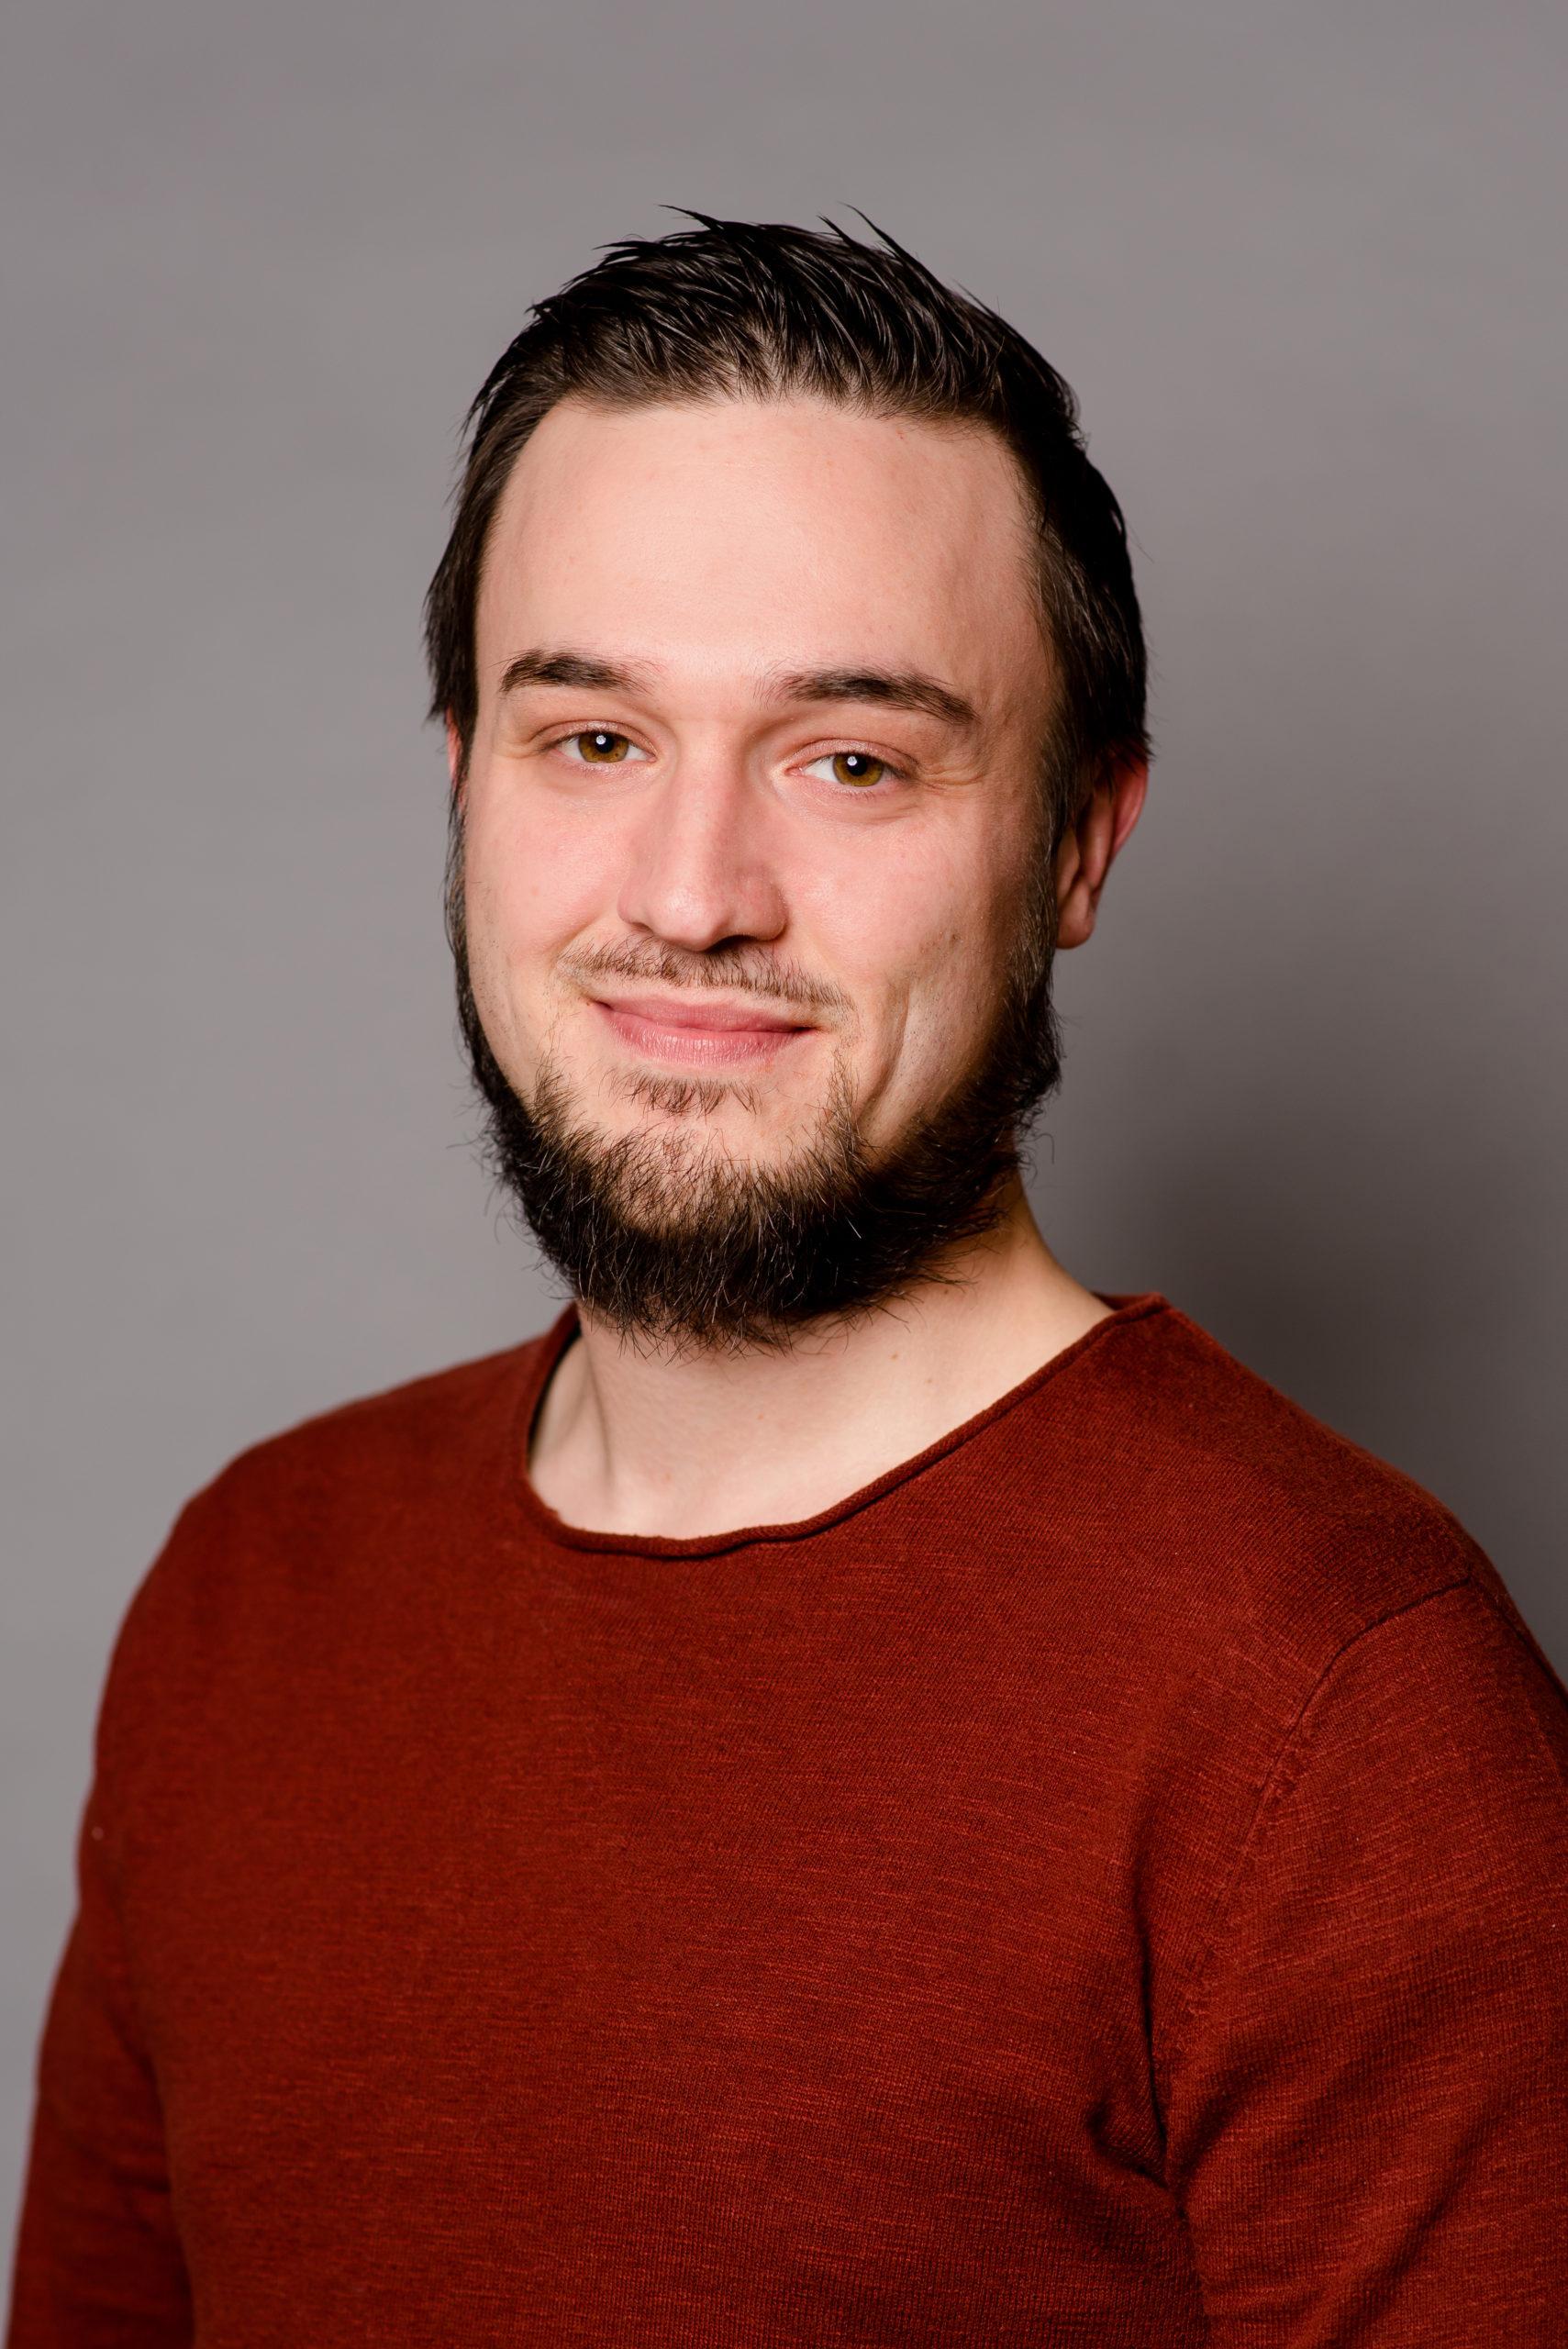 Stefan Ellmeier